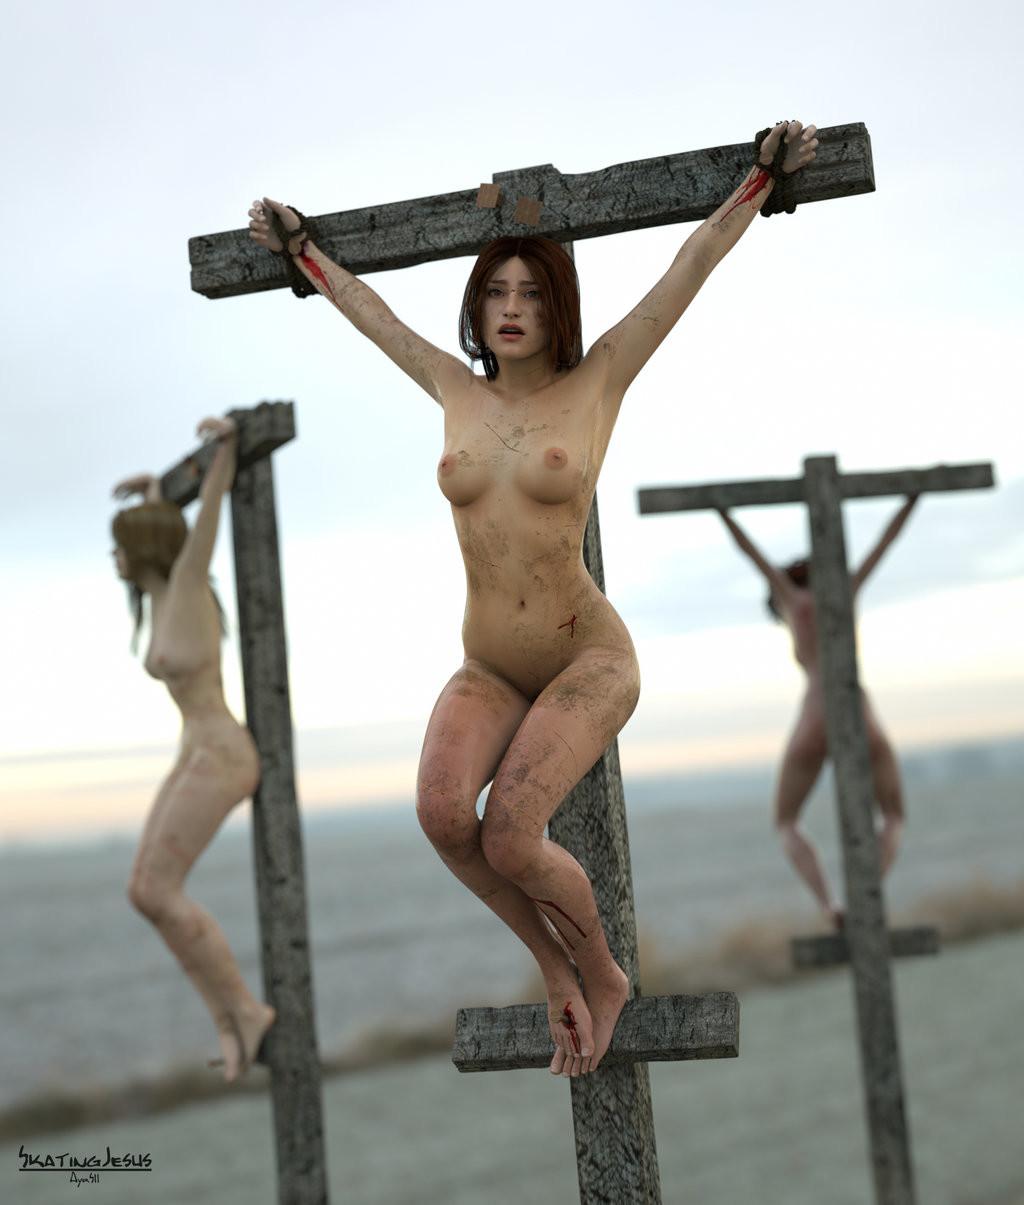 Star crucified bondage